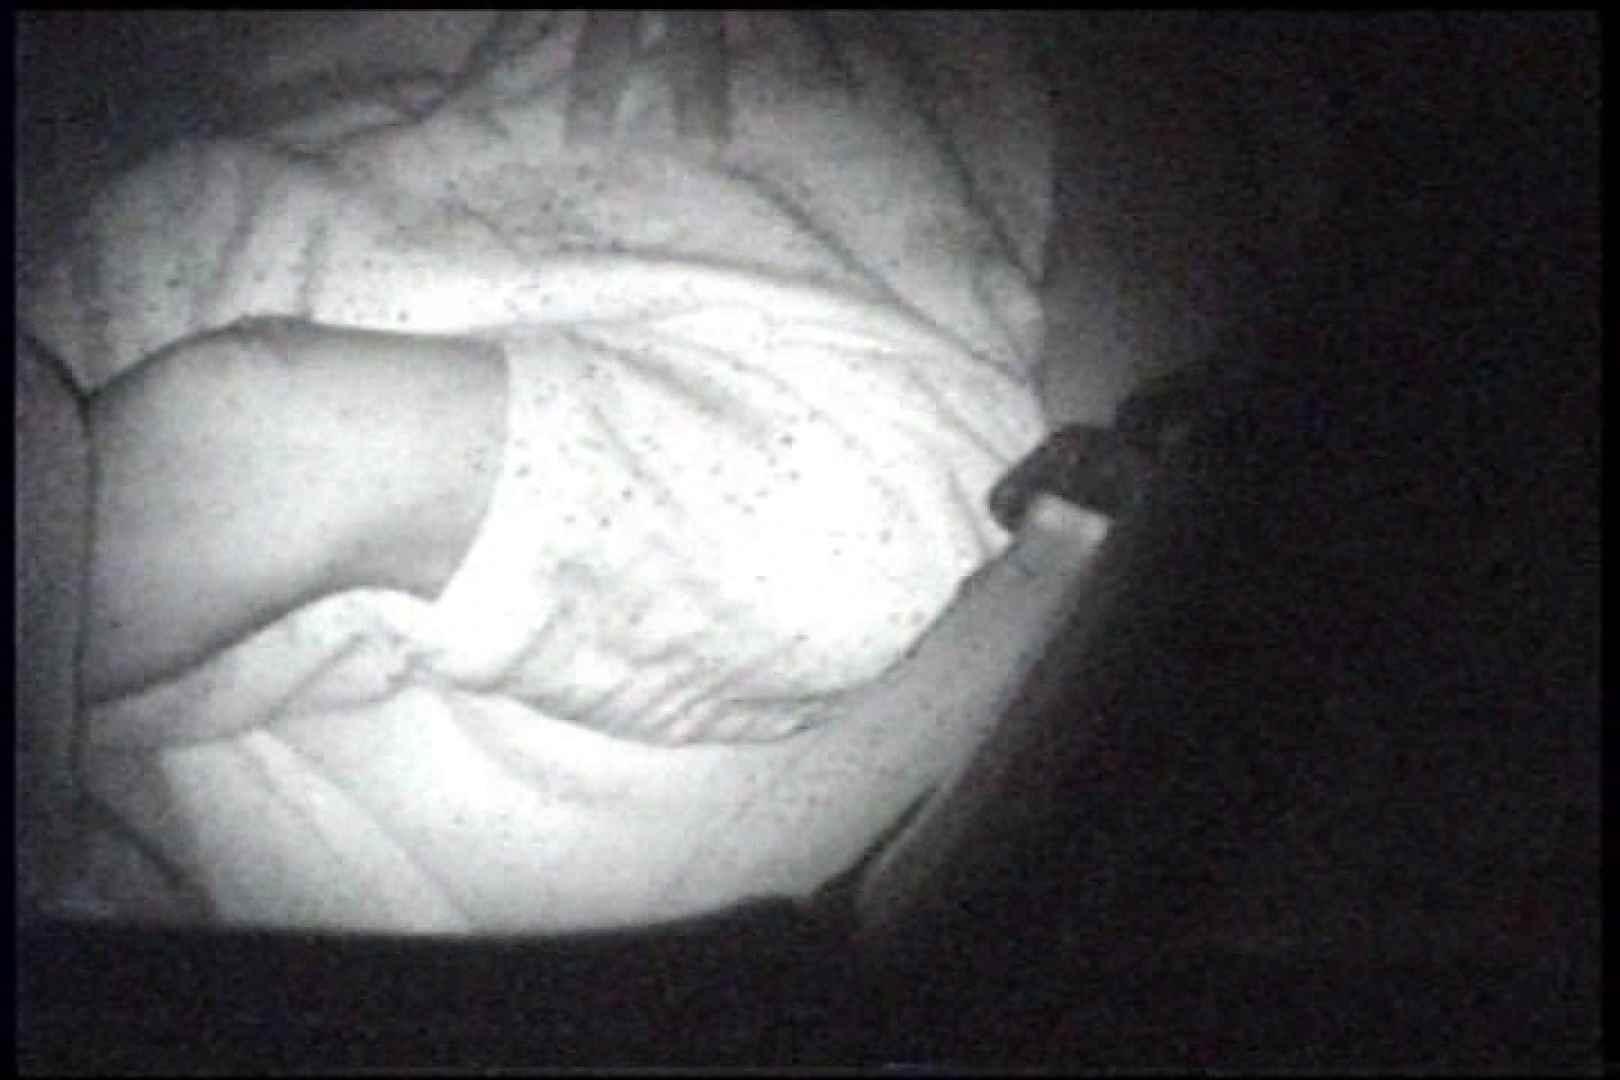 充血監督の深夜の運動会Vol.235 OLエロ画像  97PICs 92